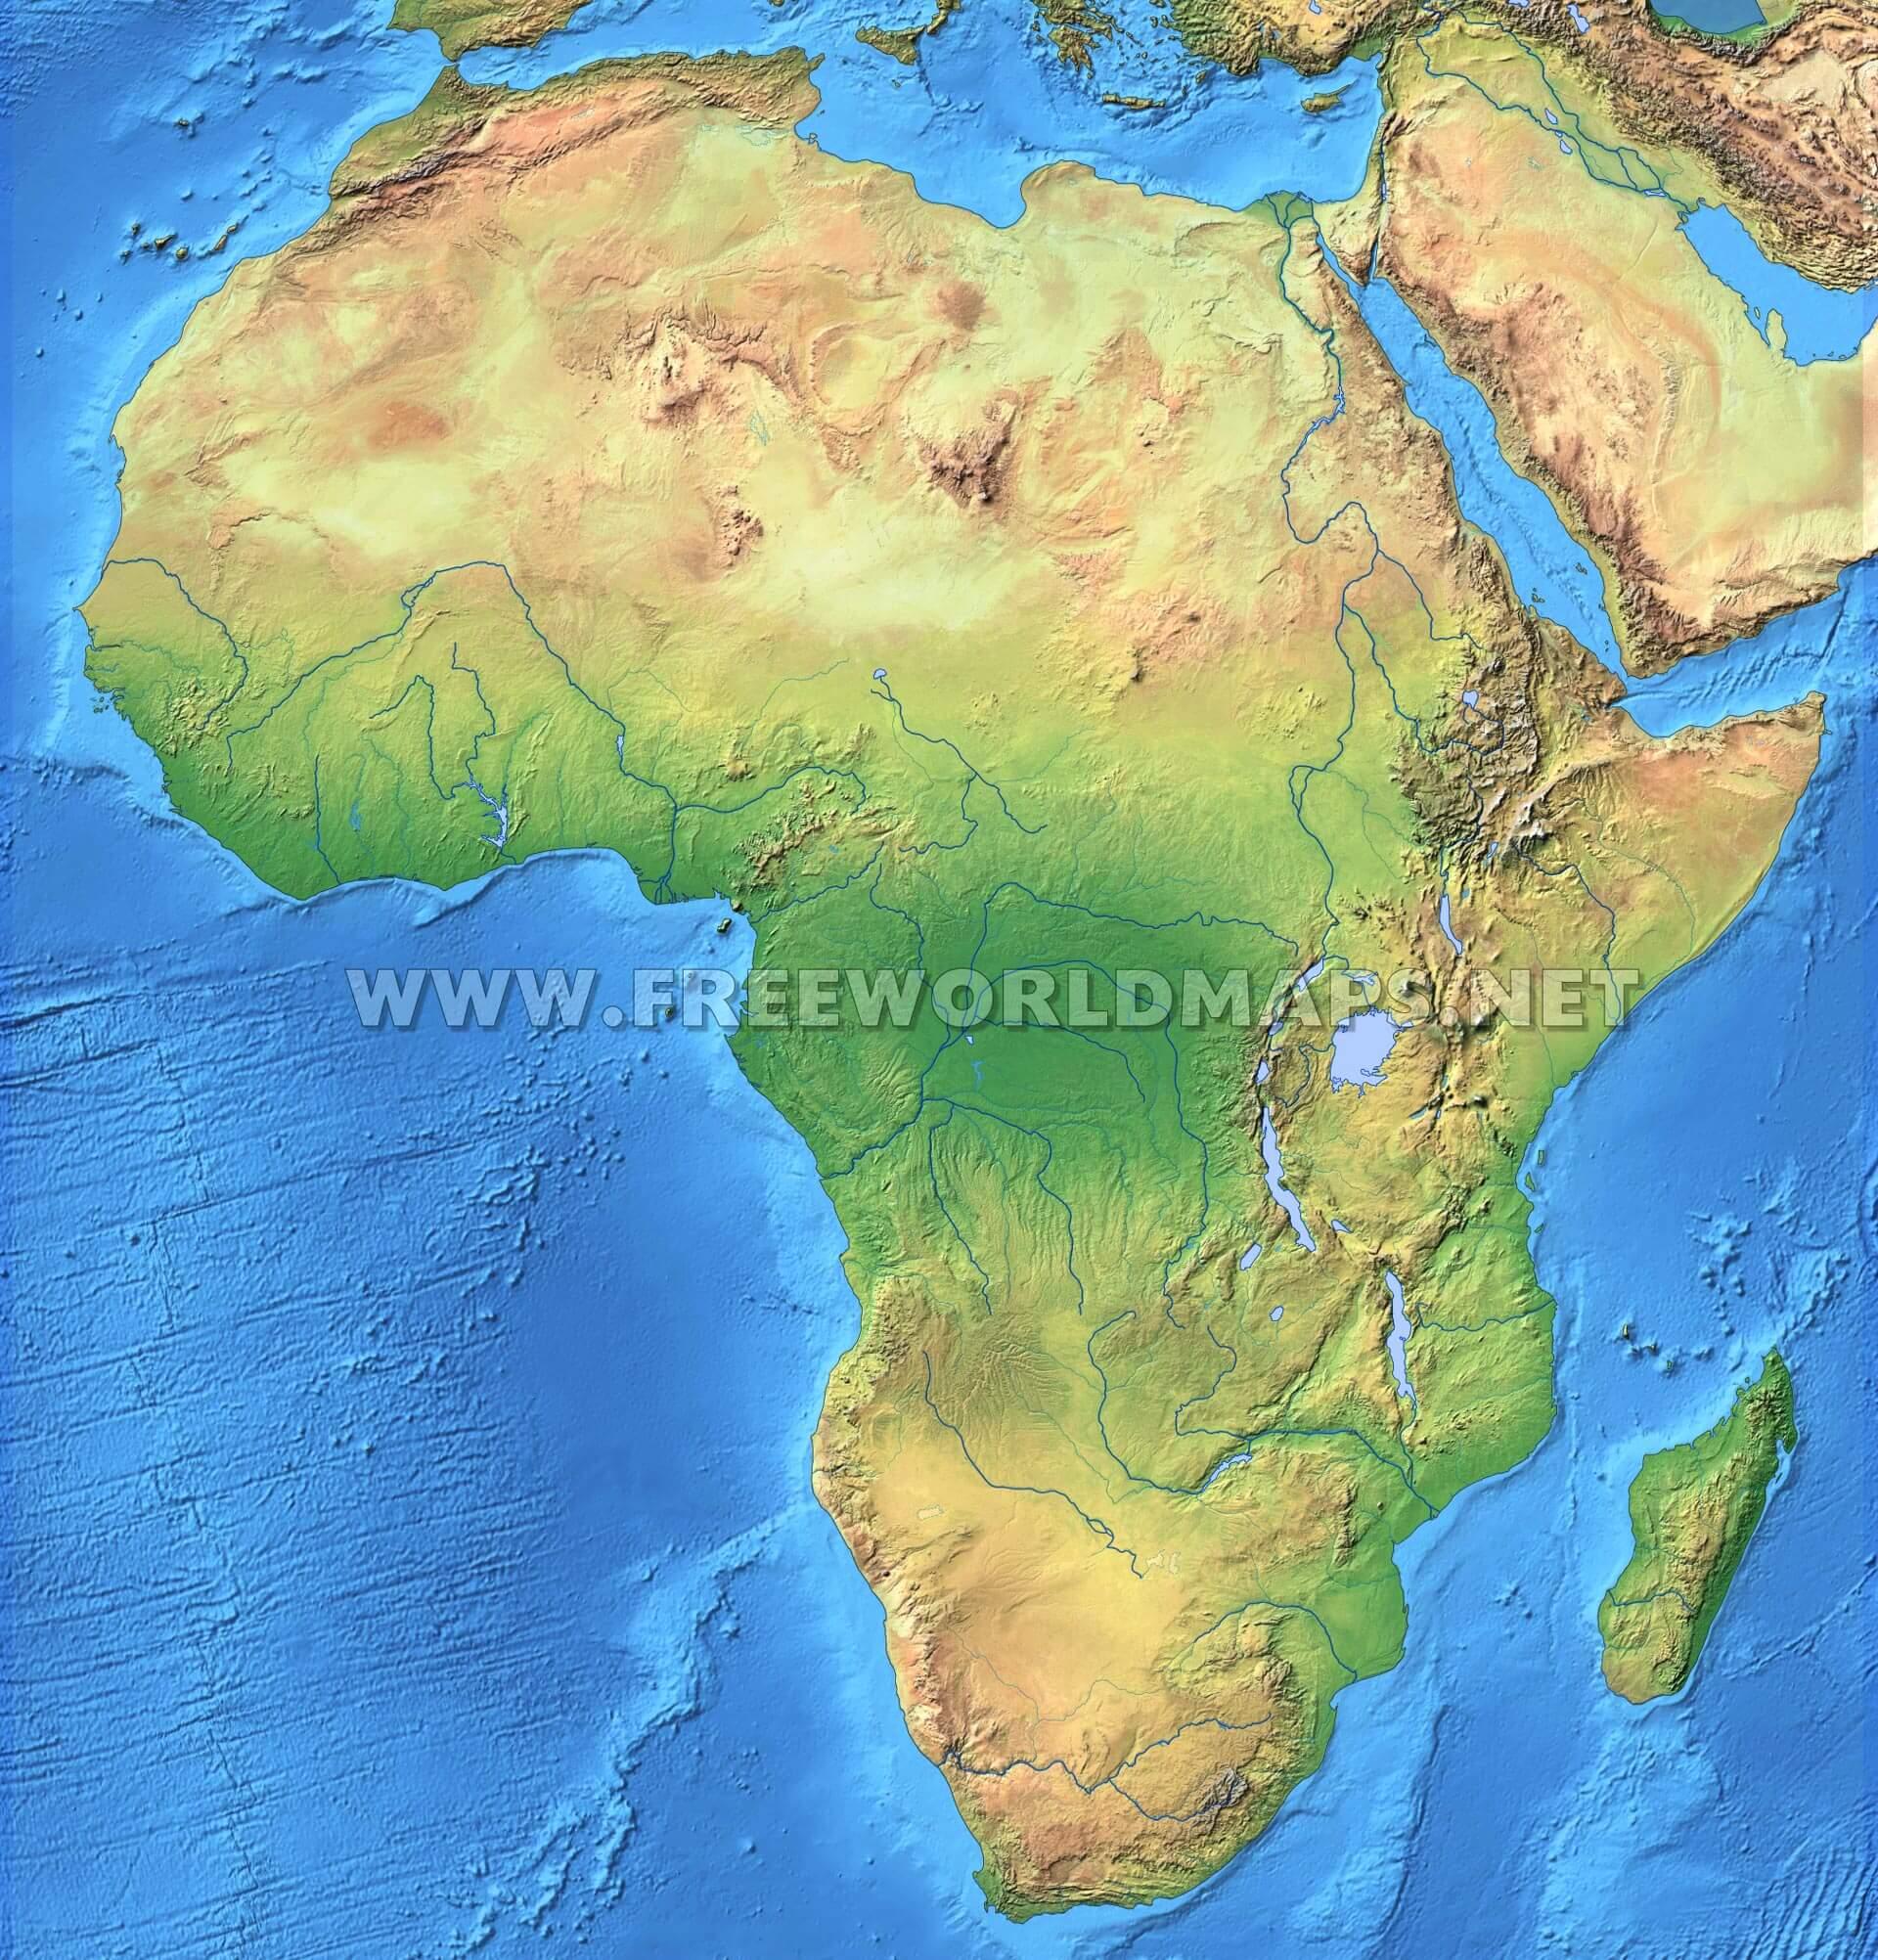 Africa Physical Map Freeworldmaps